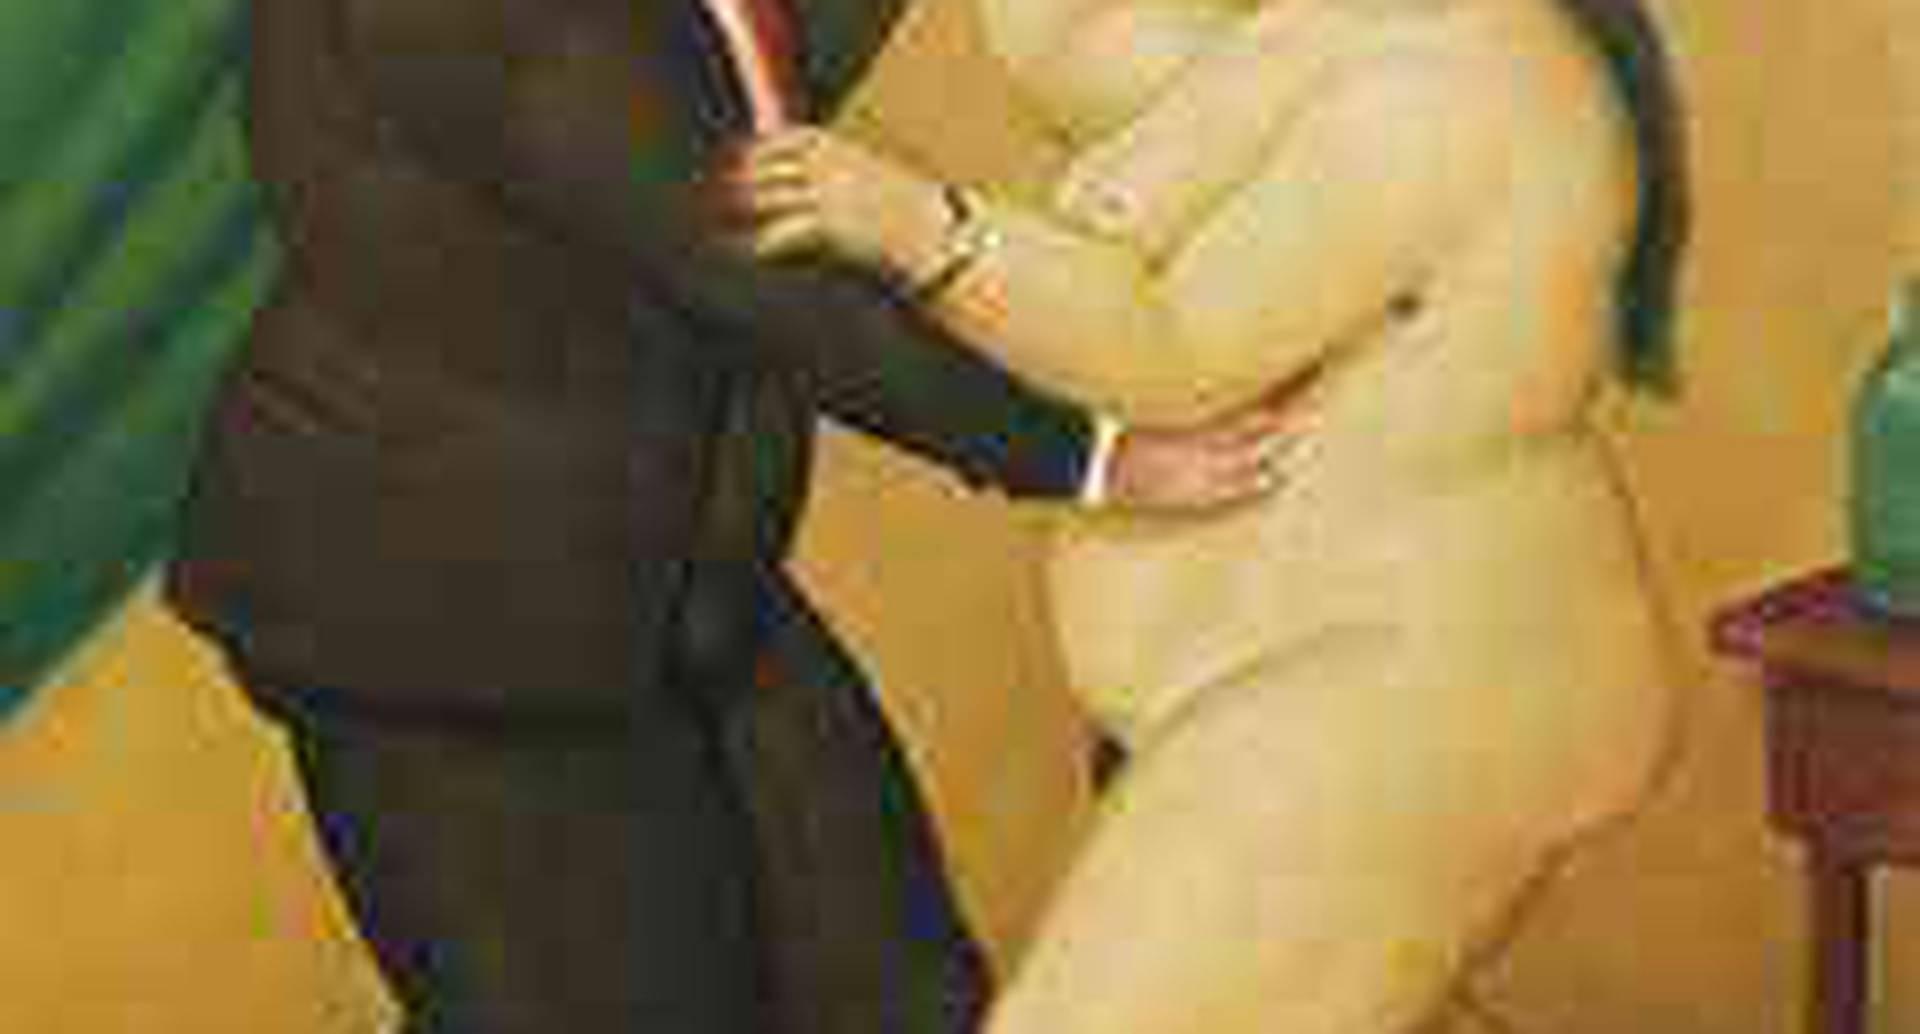 'Bailarines' de Fernando Botero (2003). Vendida por 343.500 dólares.